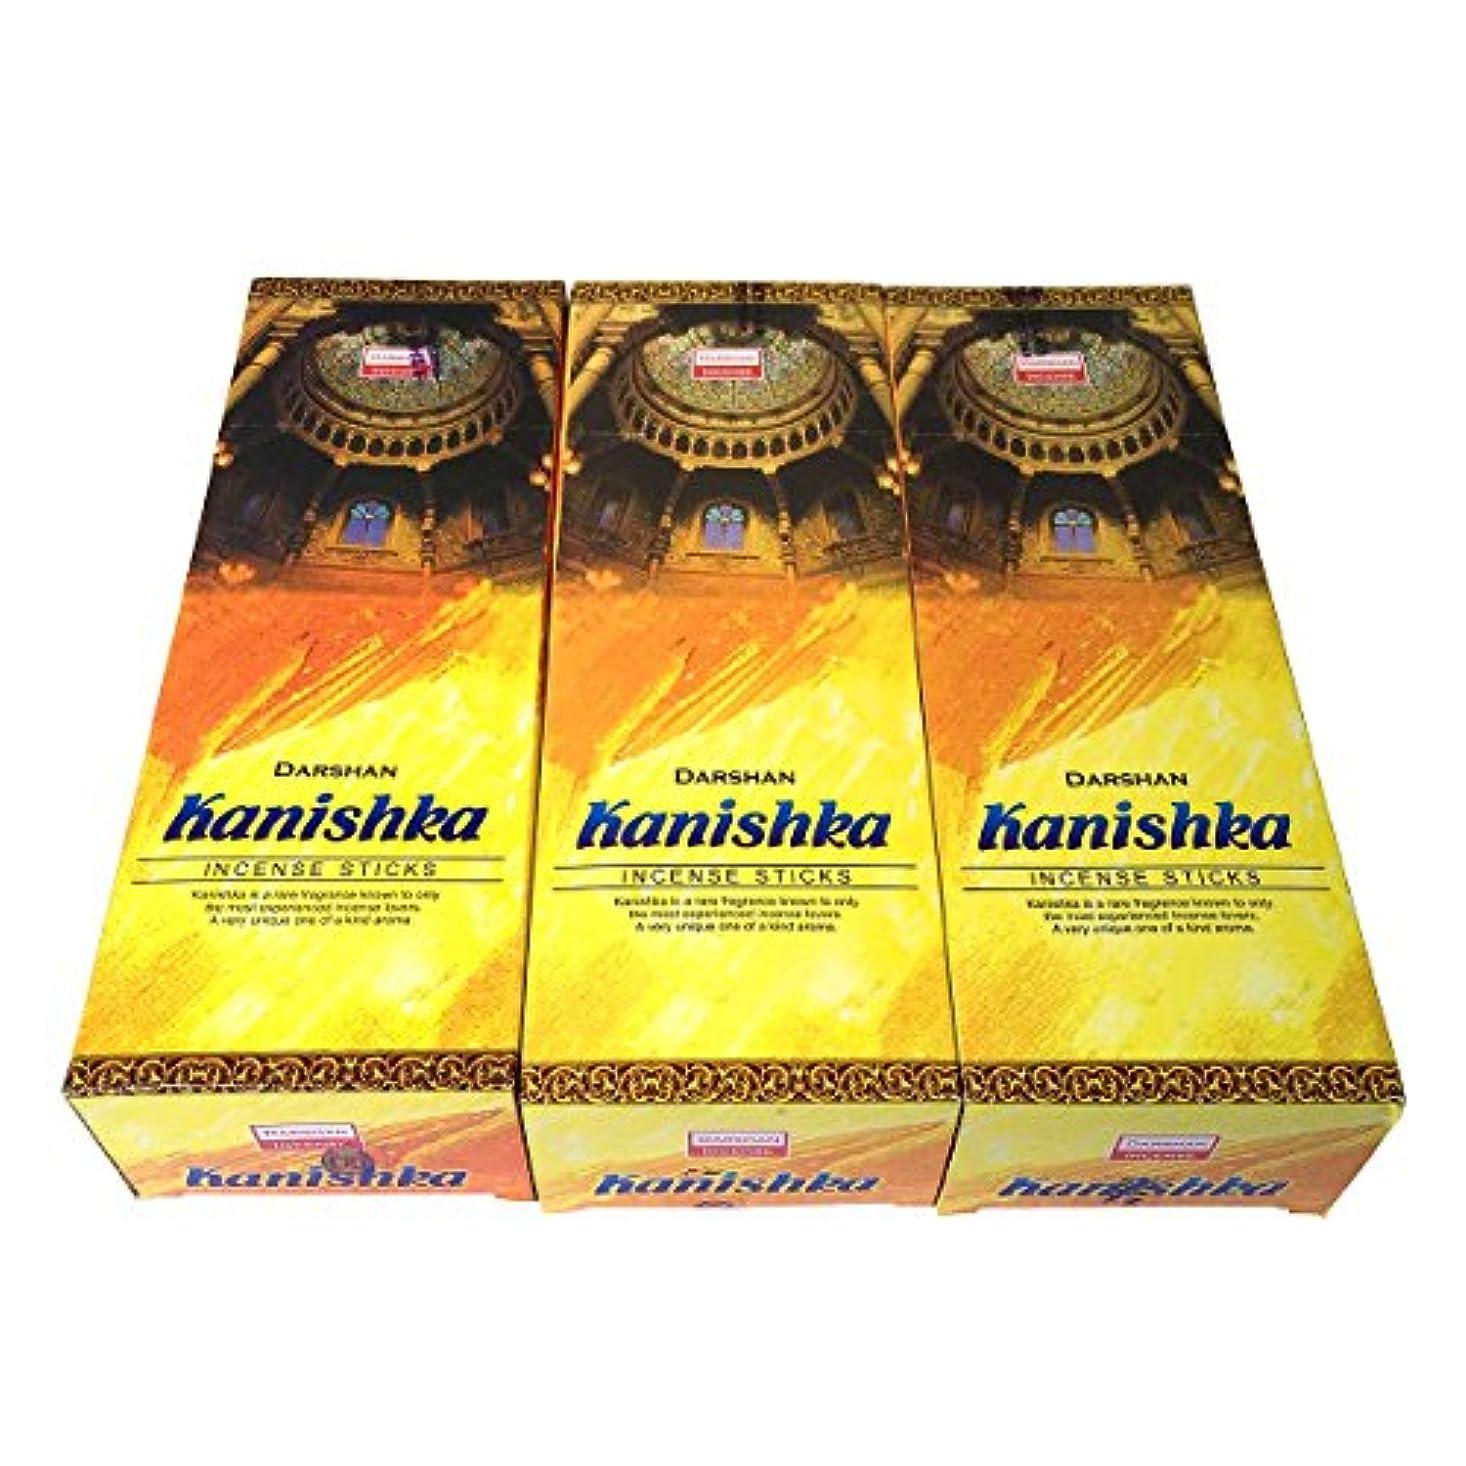 水素上流のバーカニシュカ香スティック 3BOX(18箱) /DARSHAN KANISHKA/インセンス/インド香 お香 [並行輸入品]